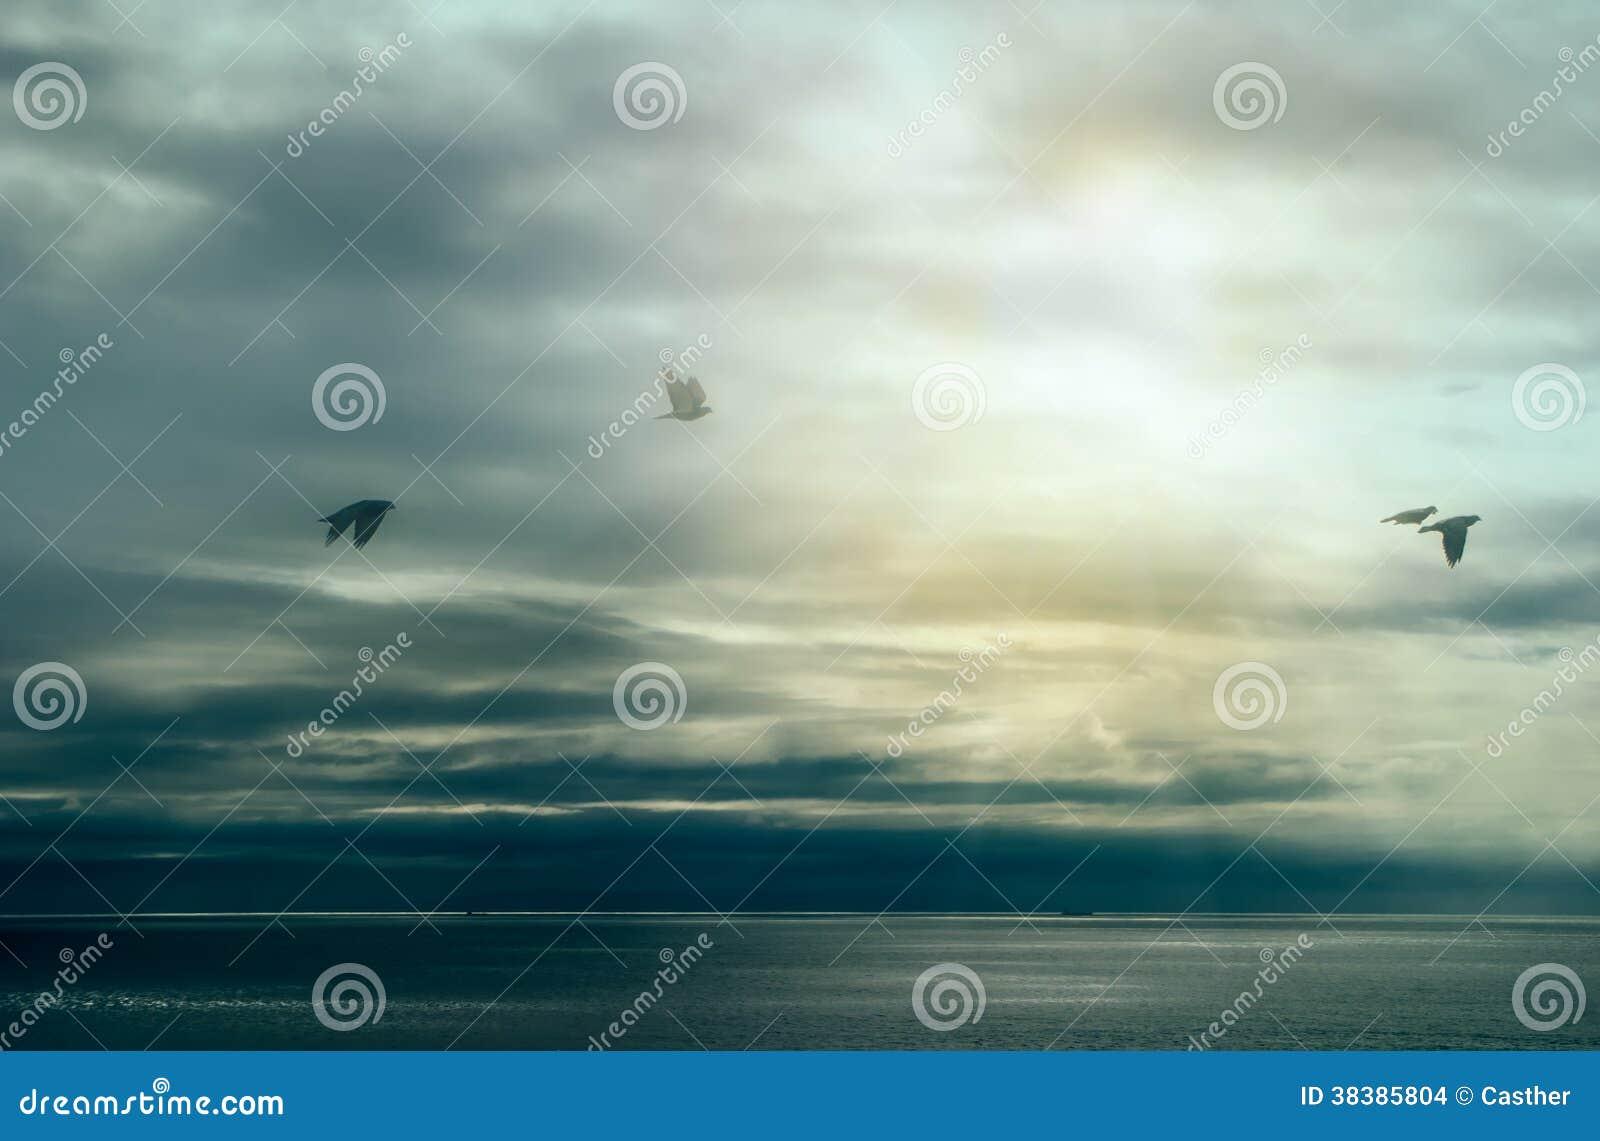 Rust na Onweer. Vogels die over Oceaan met Onweerswolken vliegen. Zal